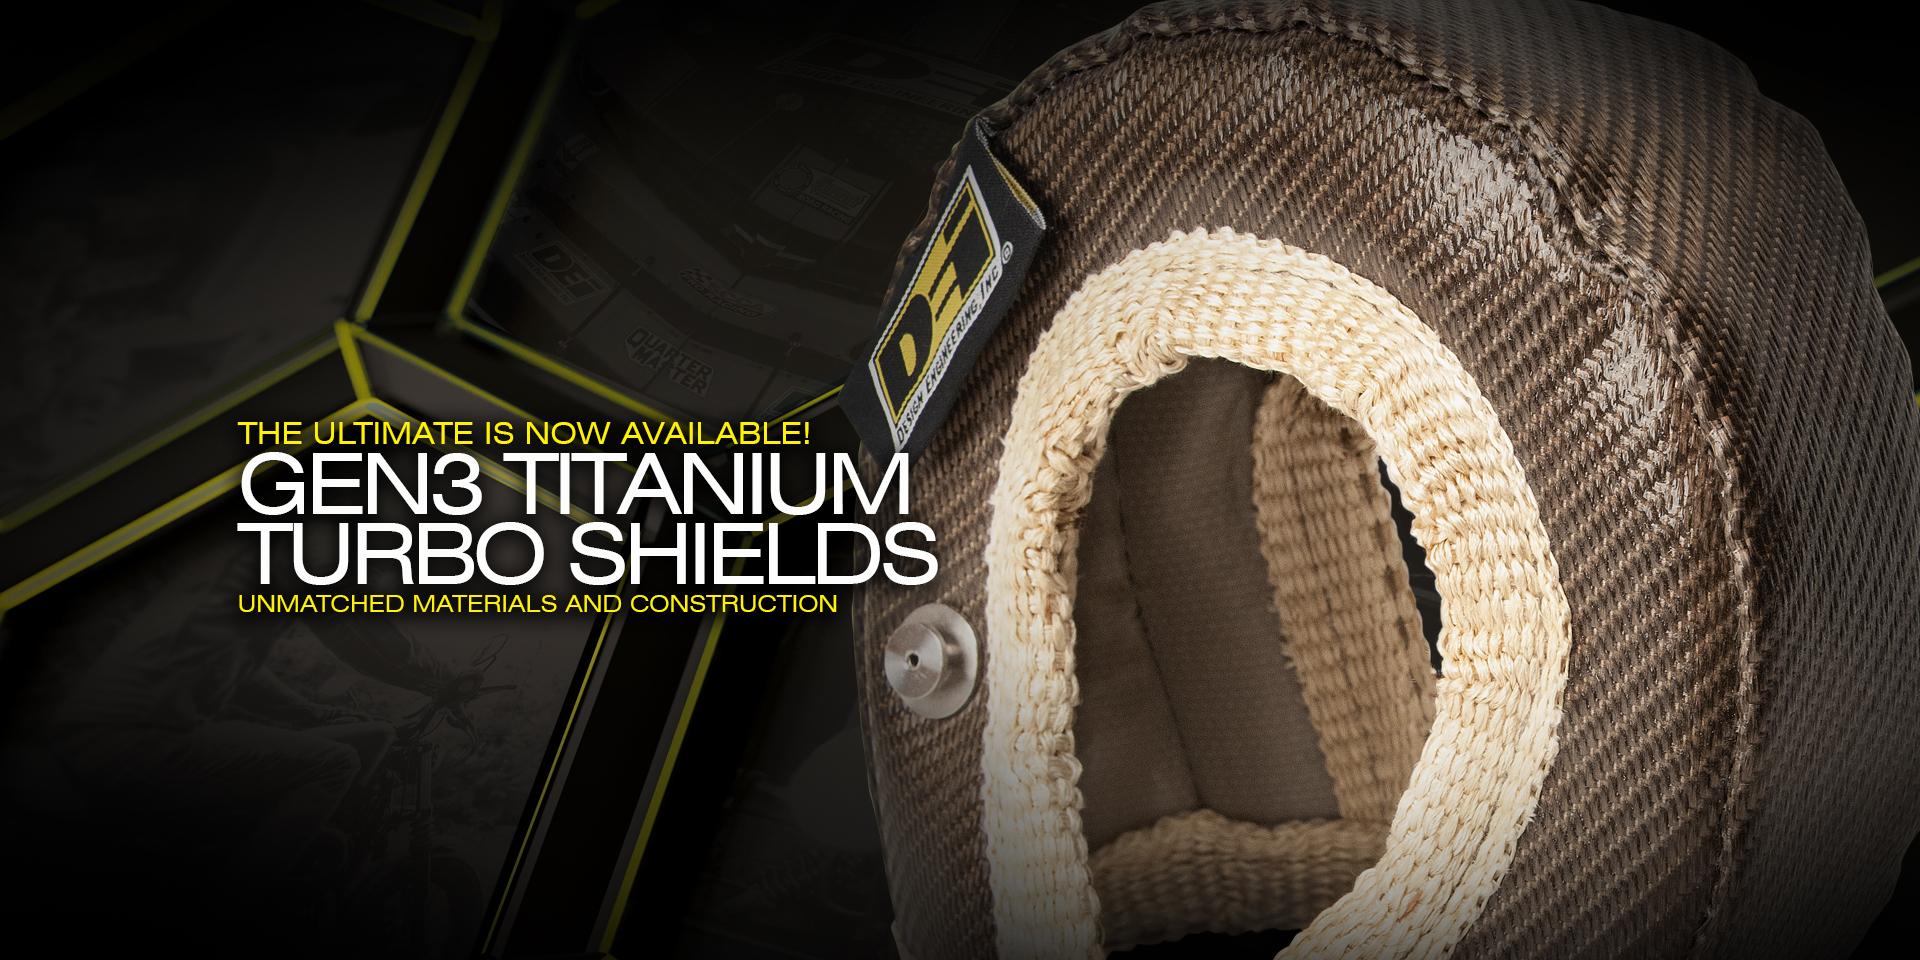 GEN3 Titanium Turbo Shields now available